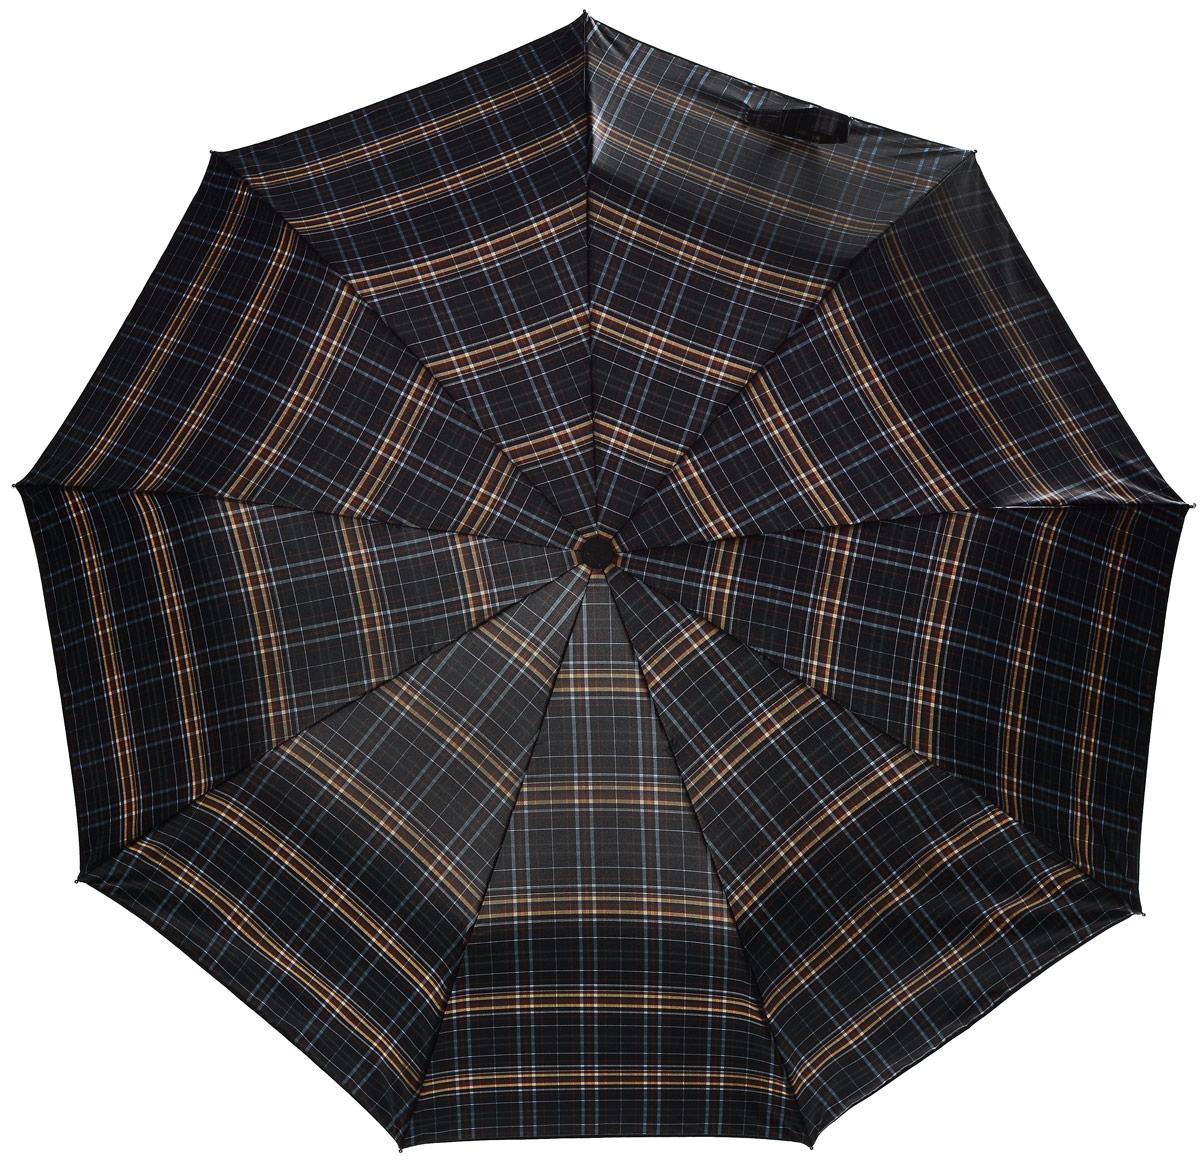 Зонт Sponsa , клетка, цвет: черный, бежевый, коричневый6415_черный, бежевый, коричневый